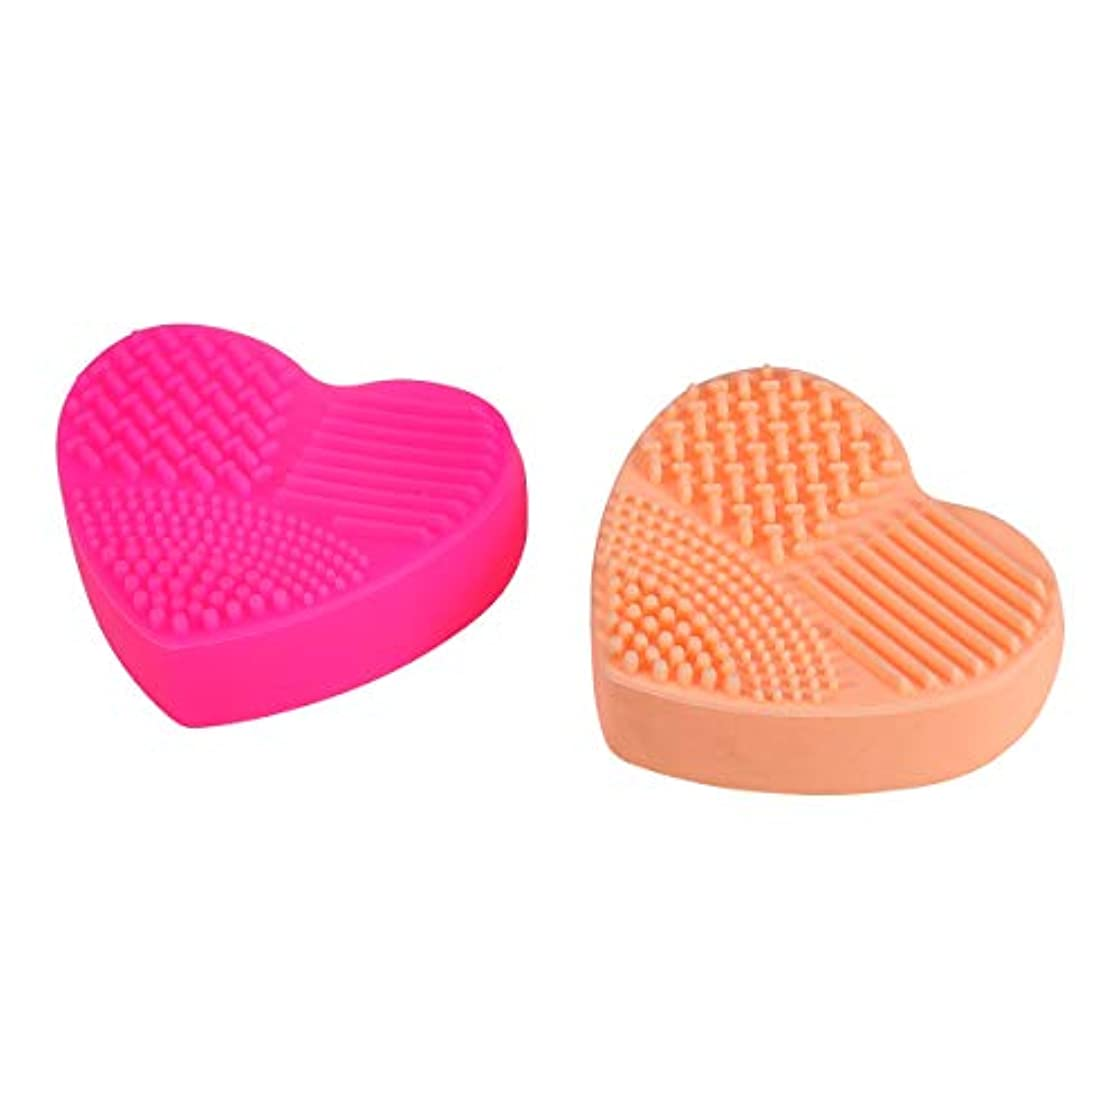 どうしたの飢えた滞在Beaupretty 2本シリコン化粧ブラシクリーニングマットハート型化粧ブラシクリーニングパッドポータブル洗濯道具(バラ色、オレンジ)